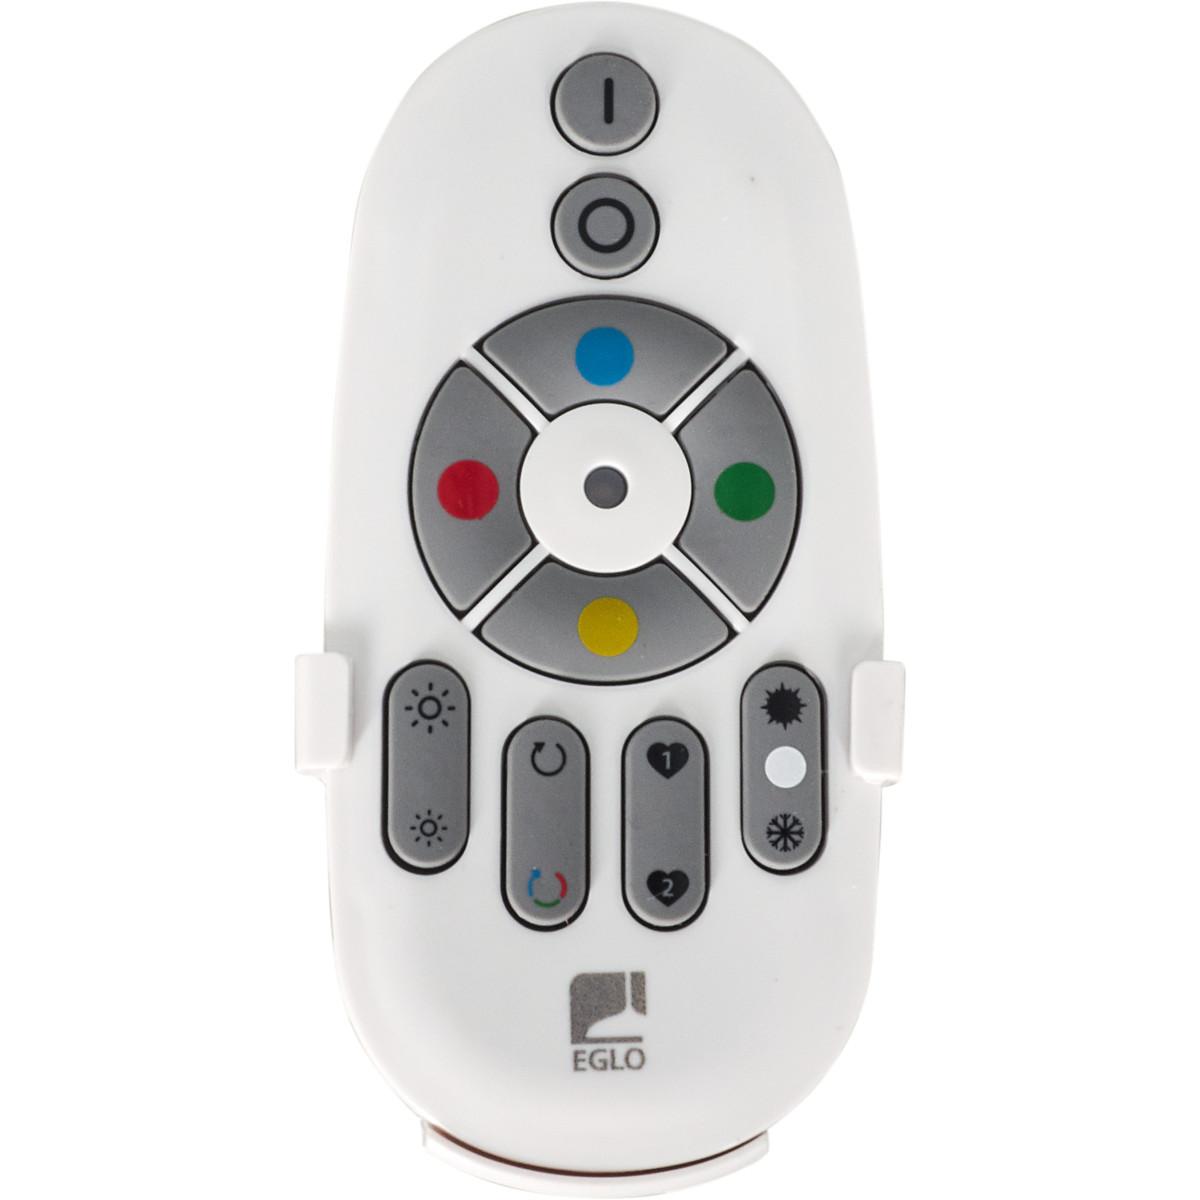 Пульт управления Eglo Connect RGB для приборов умного света